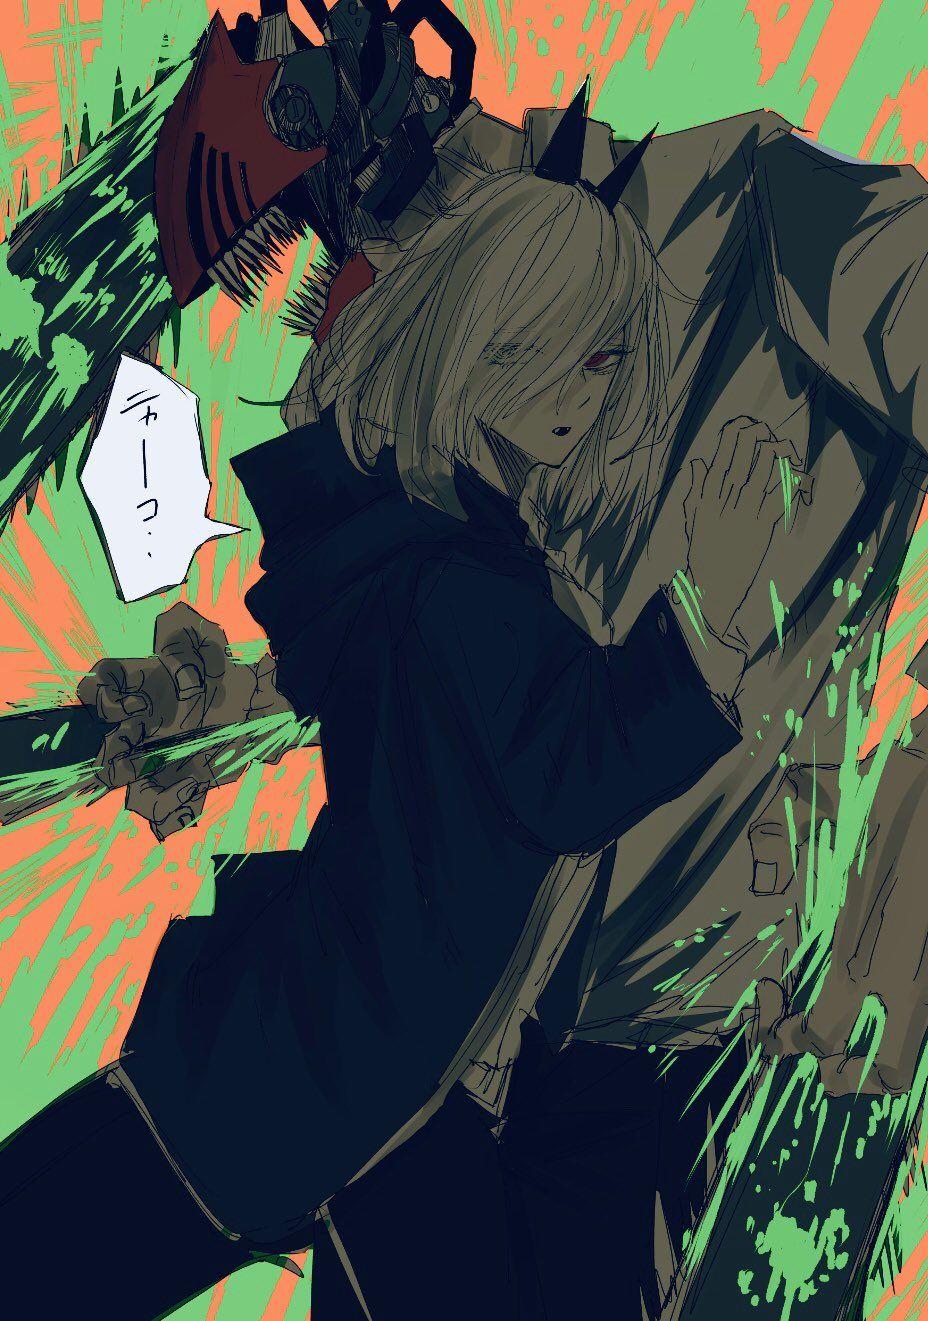 ふくつう on in 2020 Anime fight, Drawings, Character inspiration